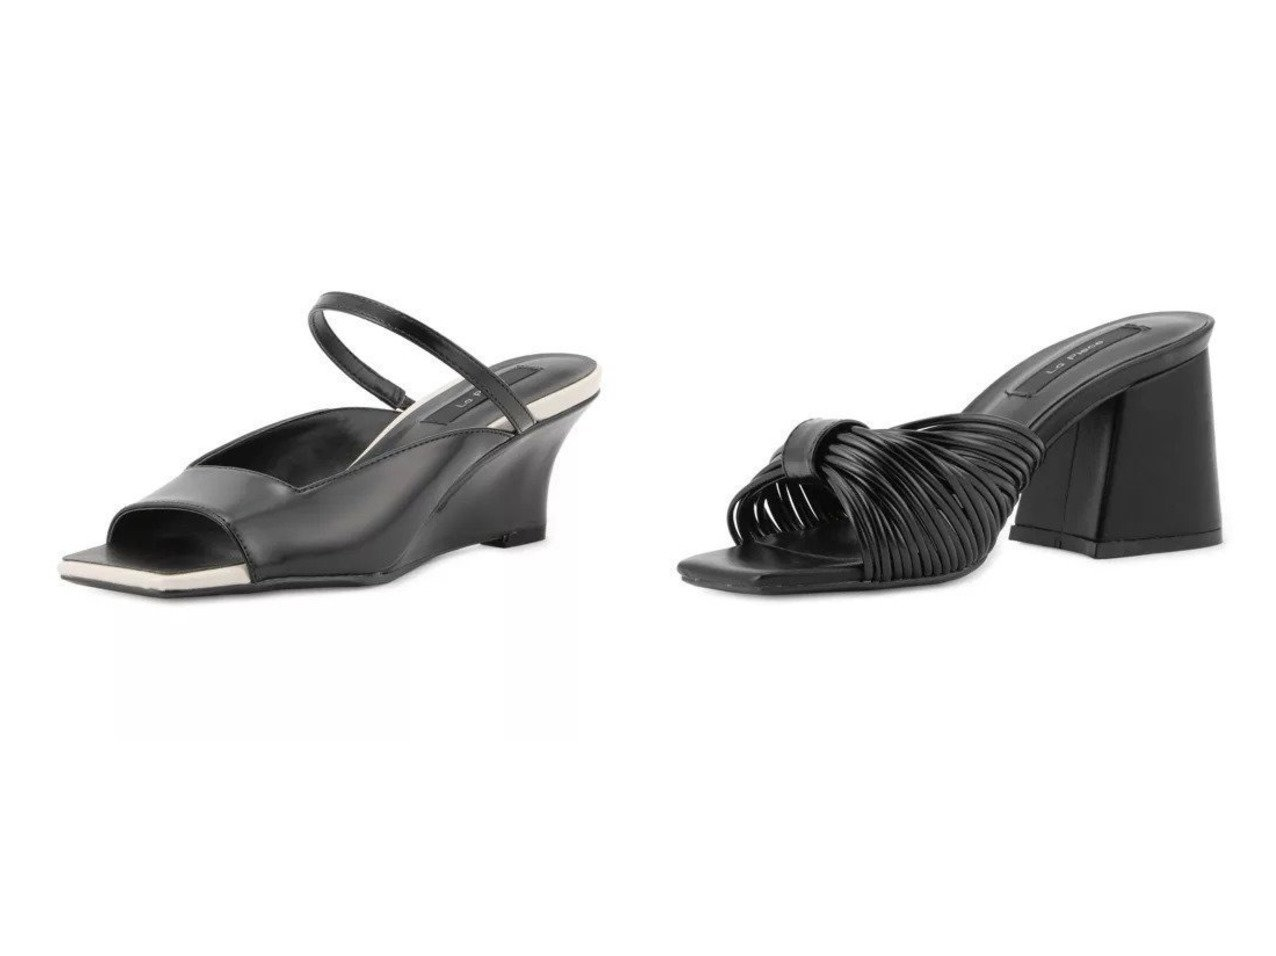 【Tiara/ティアラ】のバイカラーパイピングミュール&スキニーストラップミュール 【シューズ・靴】おすすめ!人気、トレンド・レディースファッションの通販 おすすめで人気の流行・トレンド、ファッションの通販商品 インテリア・家具・メンズファッション・キッズファッション・レディースファッション・服の通販 founy(ファニー) https://founy.com/ ファッション Fashion レディースファッション WOMEN エレガント シューズ シンプル トレンド ミュール ラップ リボン インソール スクエア |ID:crp329100000045164